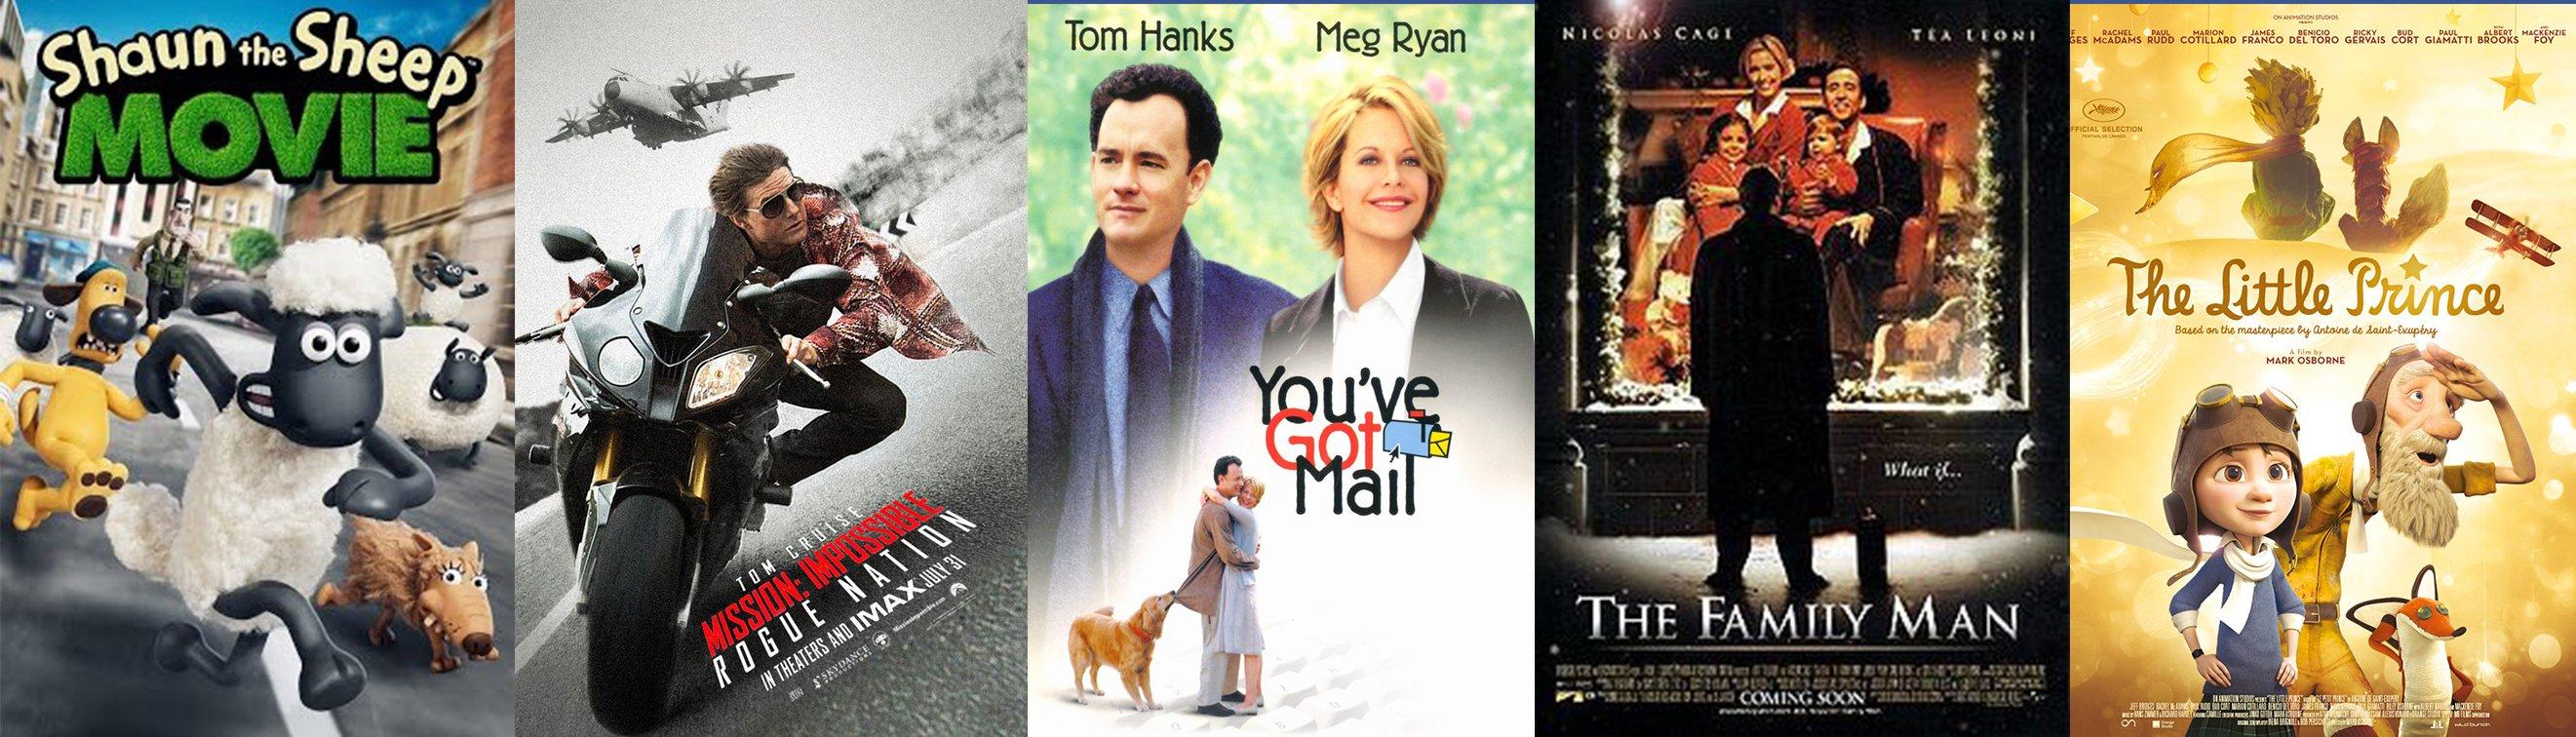 movies2